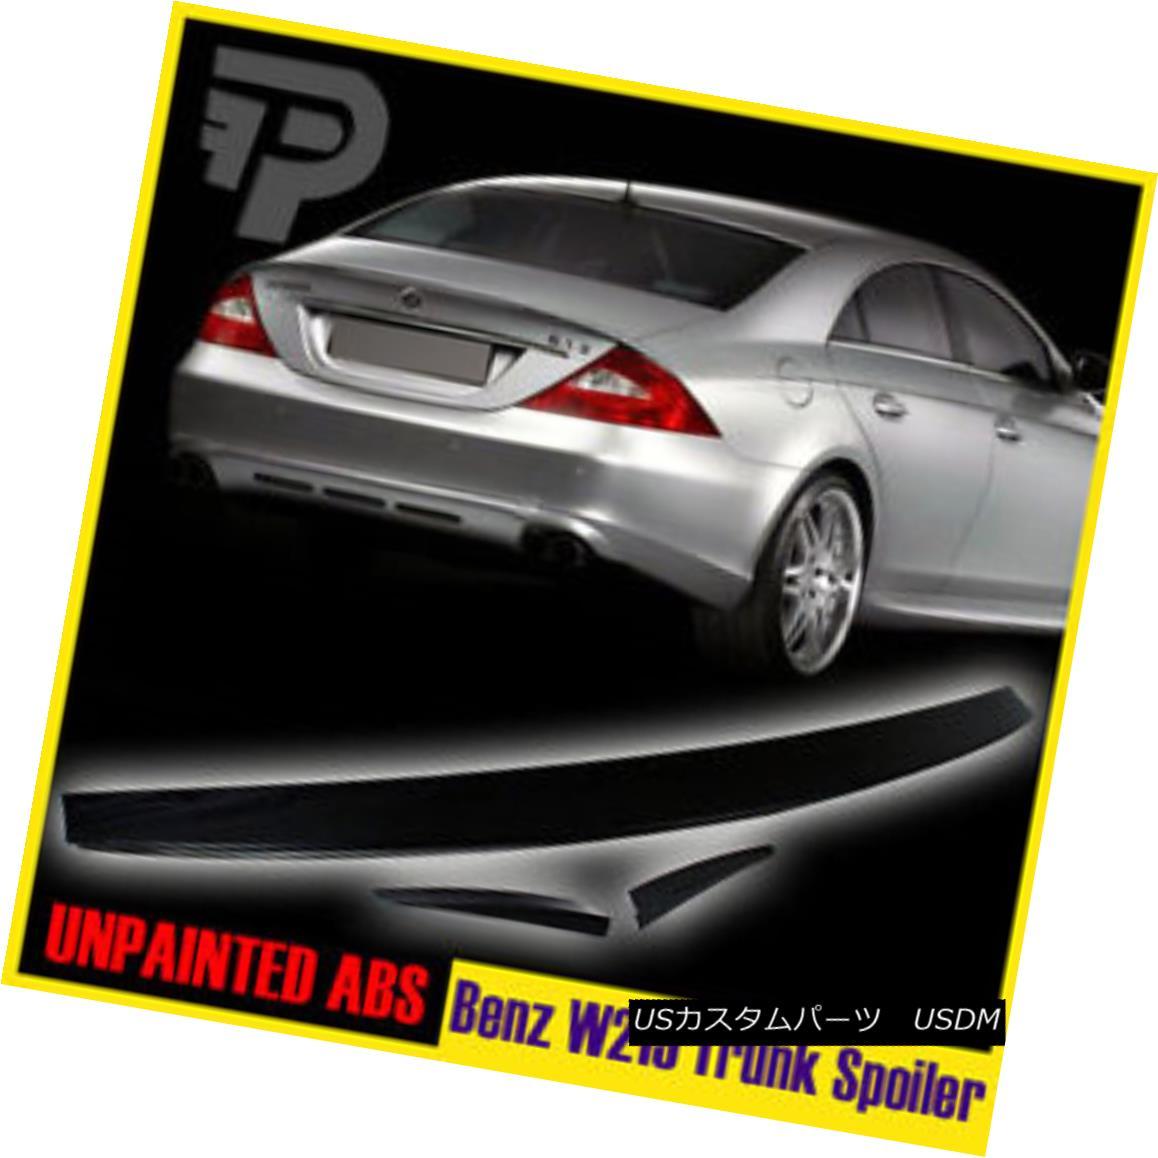 エアロパーツ Unpainted Mercedes-Benz CLS-Class W219 Saloon B Look Lip Boot Trunk Spoiler 未塗装メルセデス・ベンツCLSクラスW219サルーンBルック・ブート・トランク・スポイラー